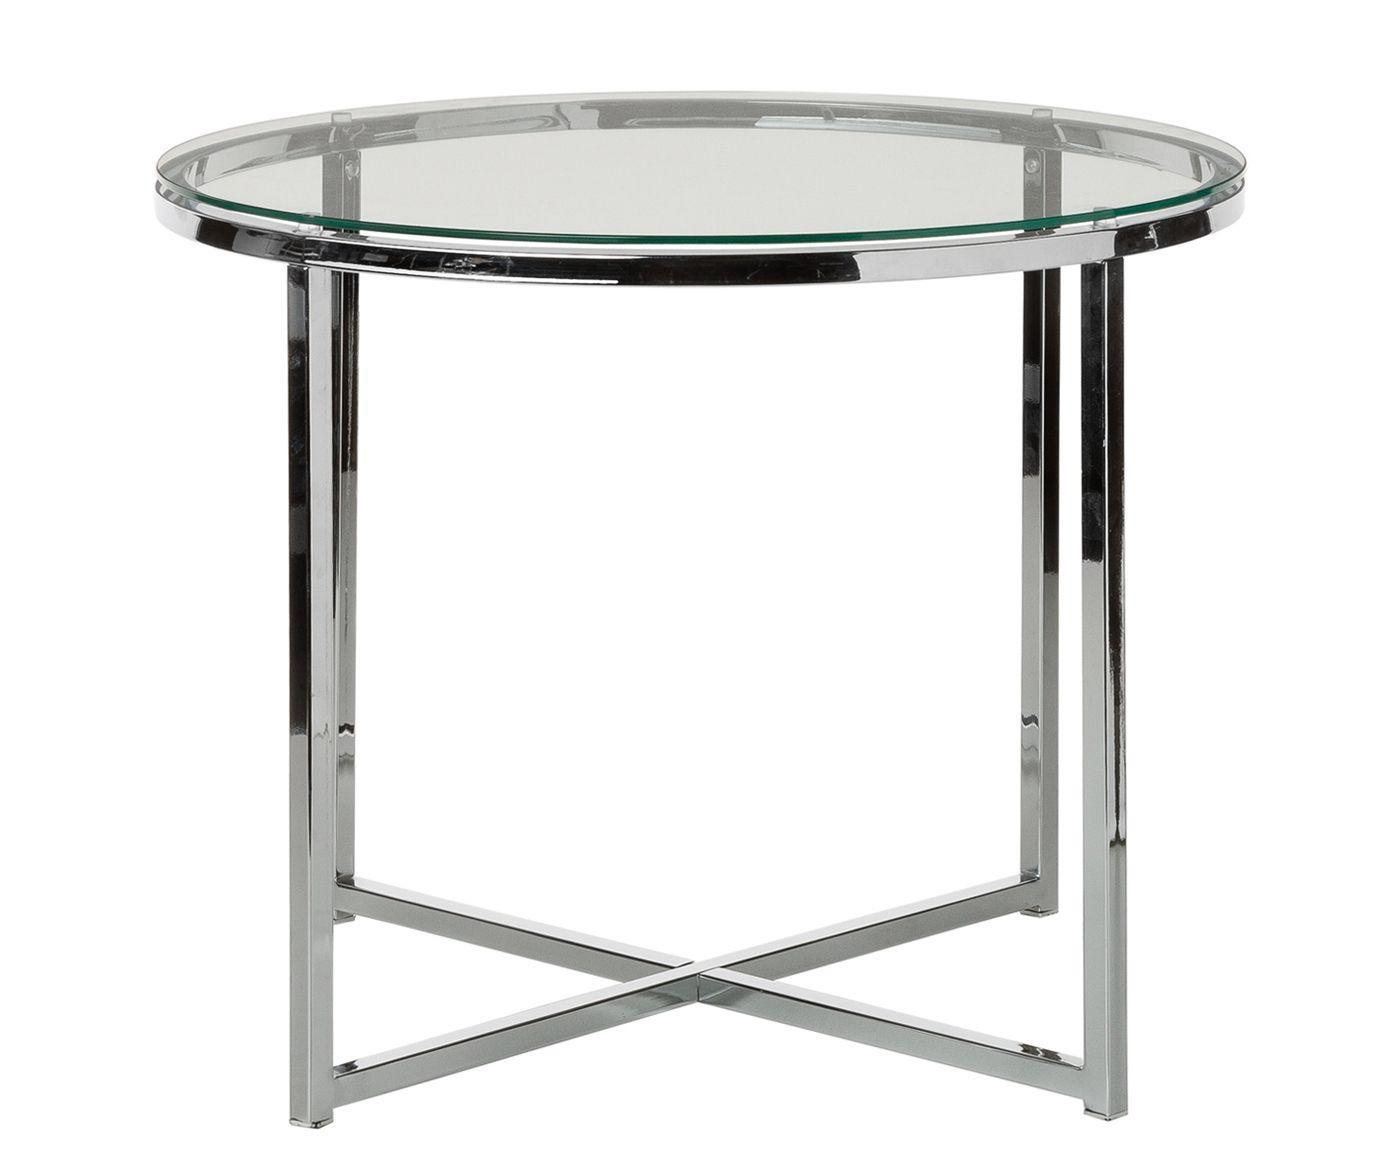 Blickfang Glasbeistelltisch Das Beste Von Luftig-leicht: Beistelltisch Matheo Von Actona Aus Glas